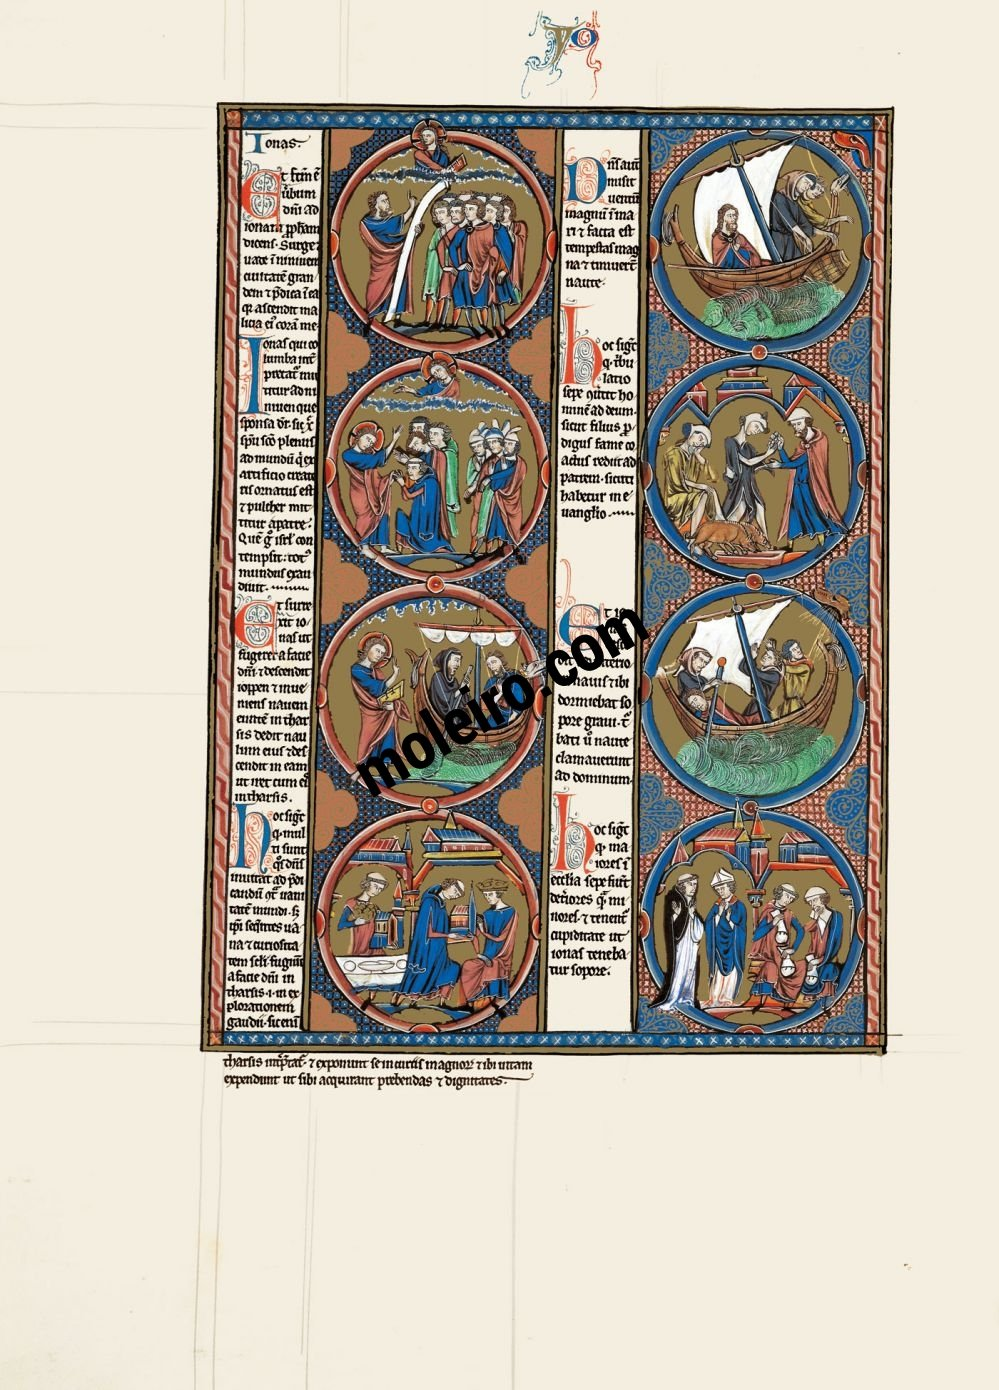 Biblia de San Luis vol.2, f. 215v